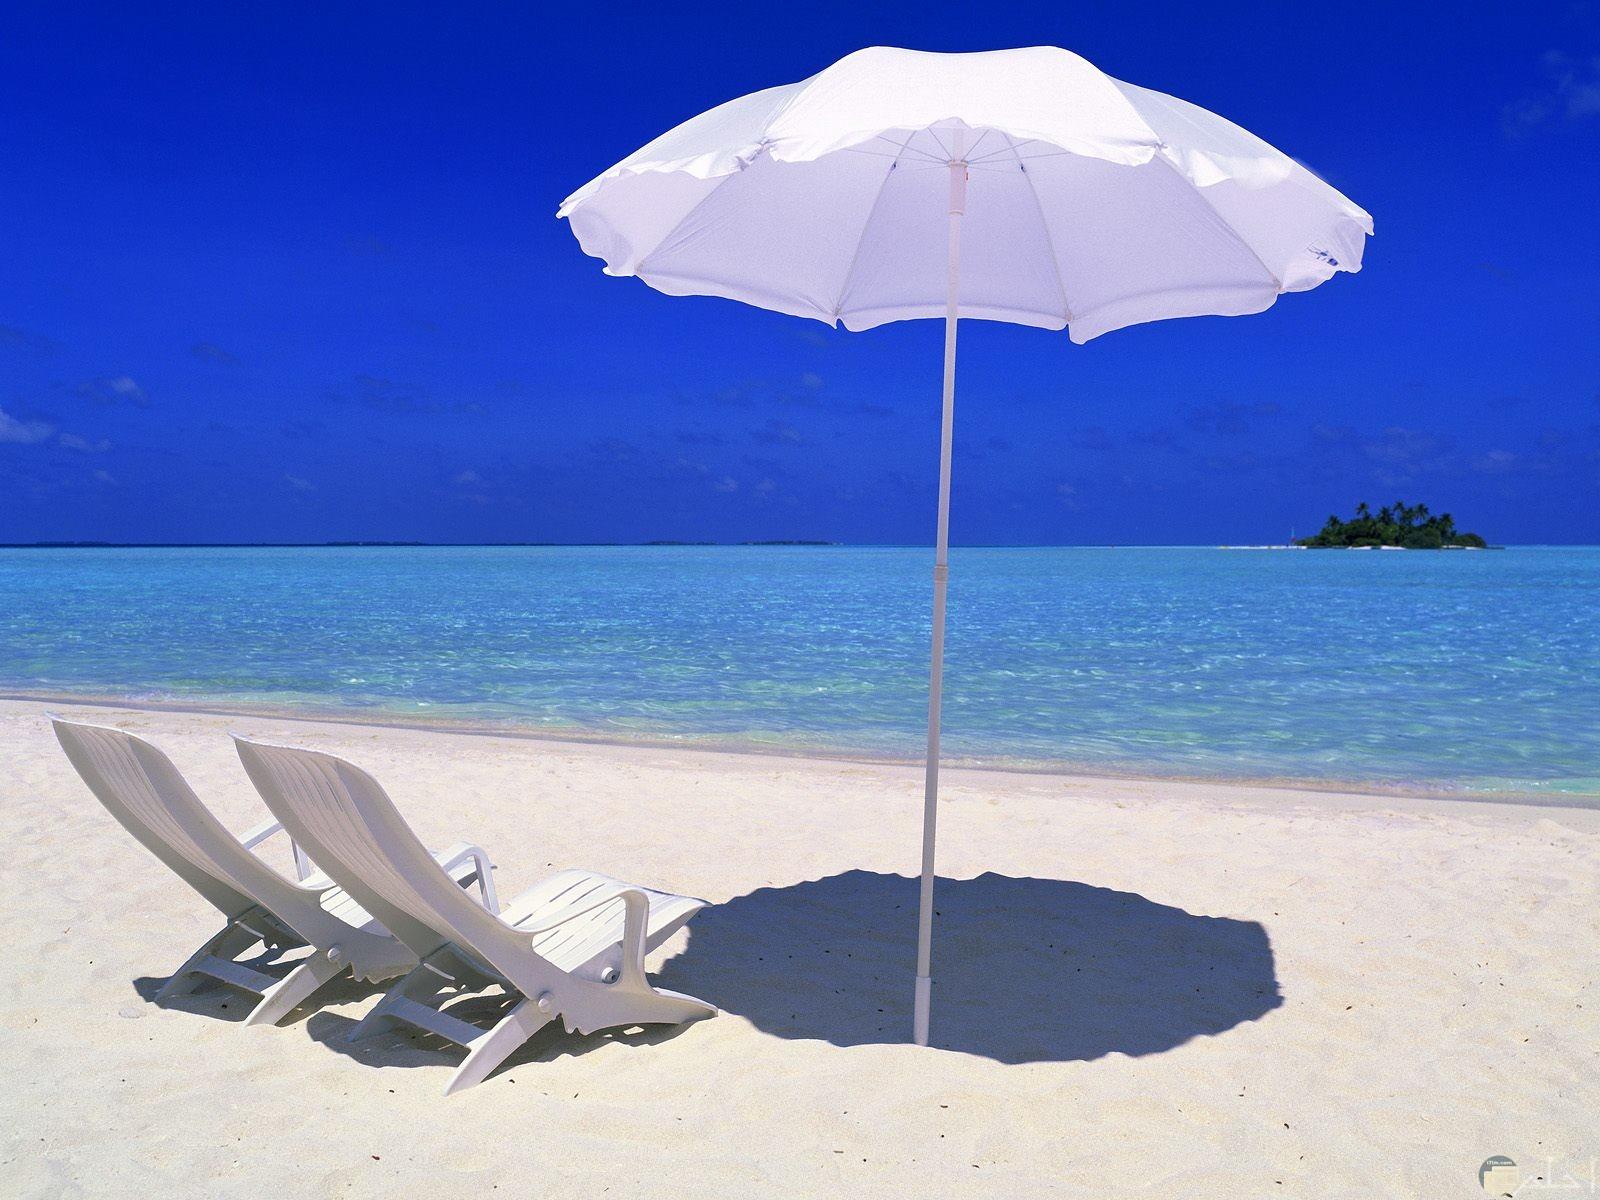 شمسية وكرسيين على البحر